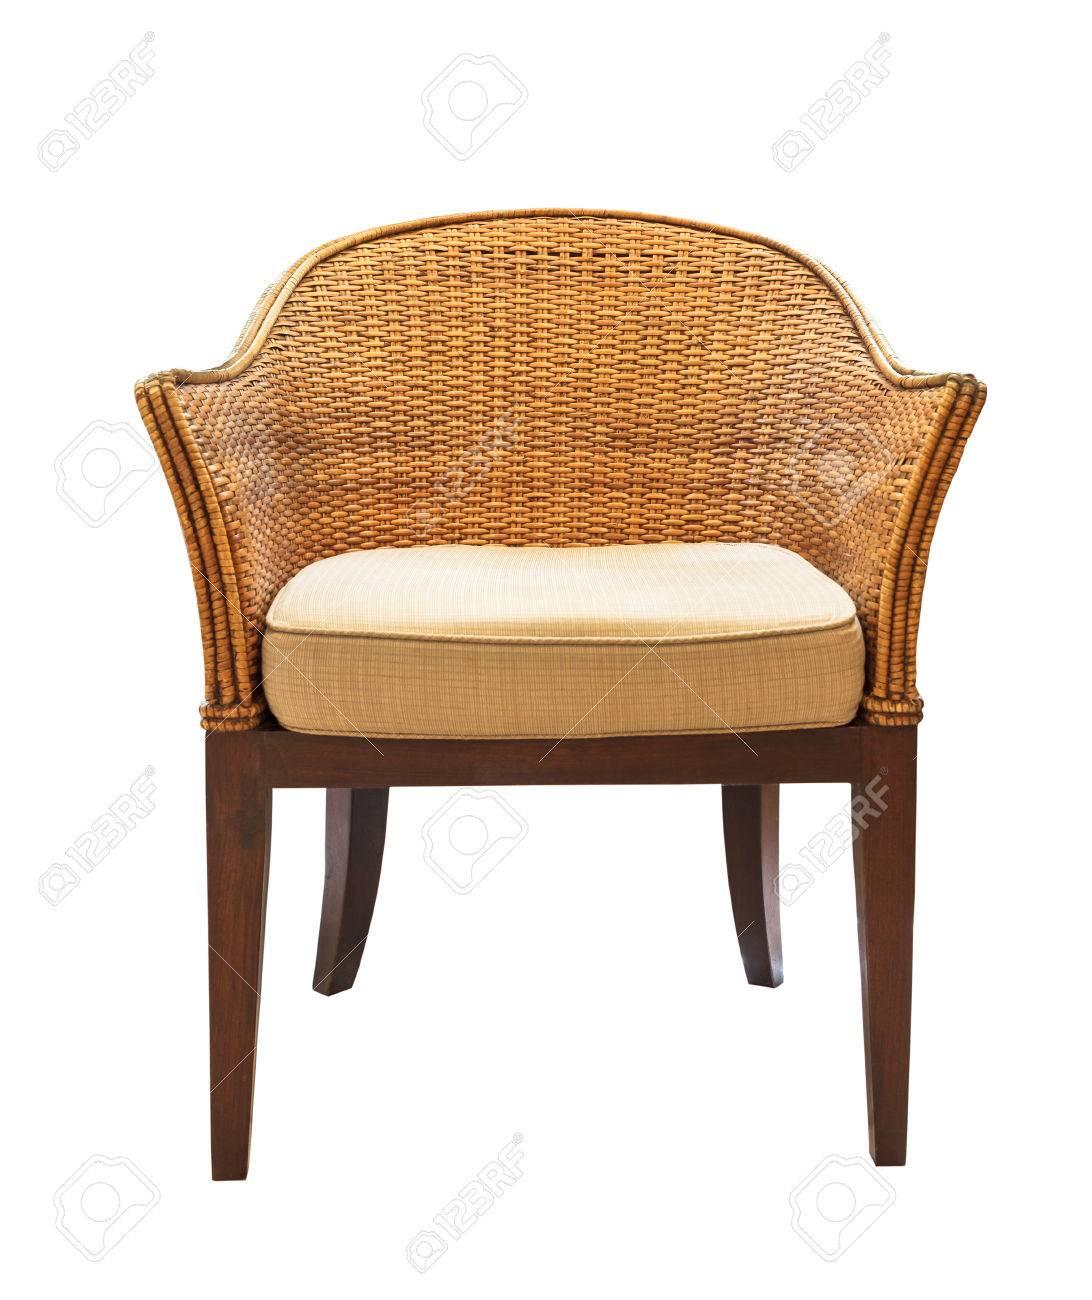 sofa möbel weben bambus-stuhl lizenzfreie fotos, bilder und stock